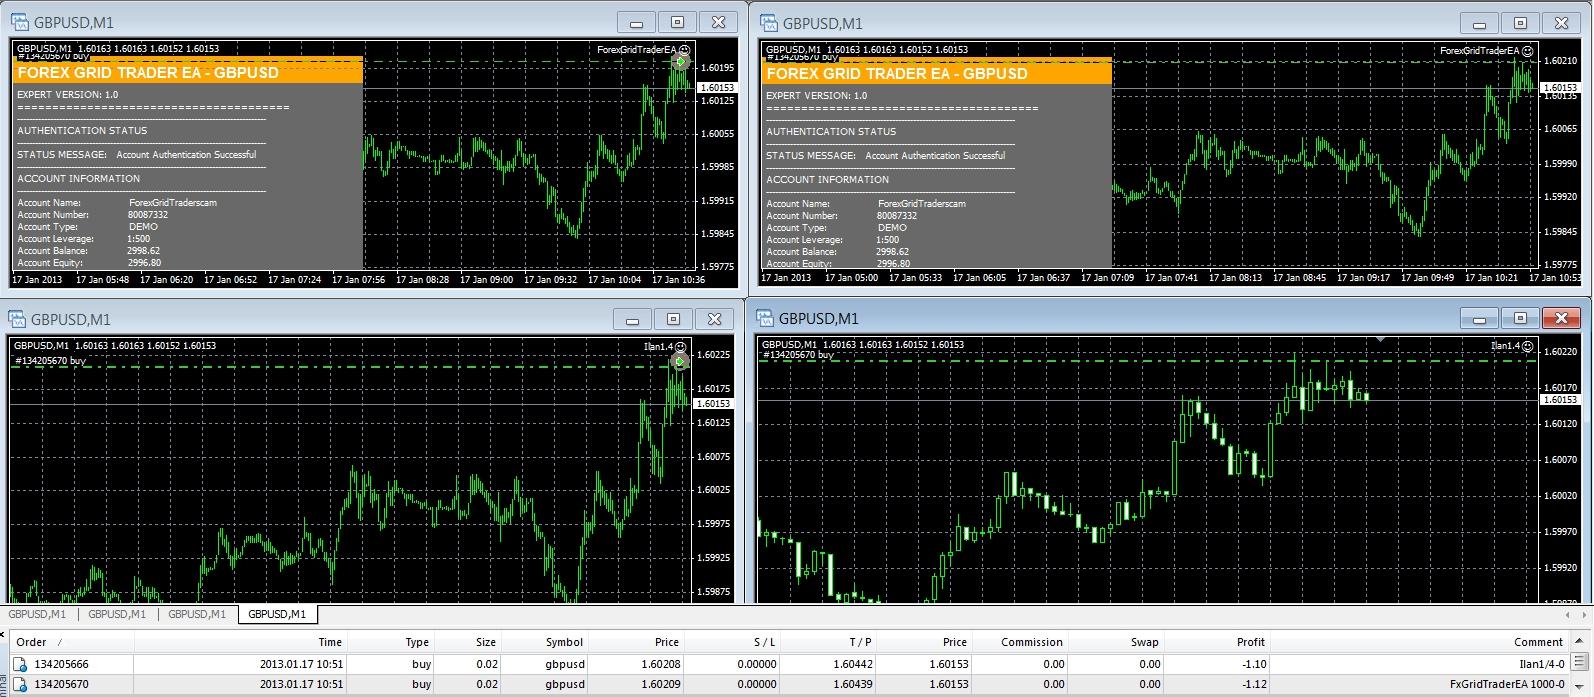 Free forex grid trading ea стратегия форекс победа скачать